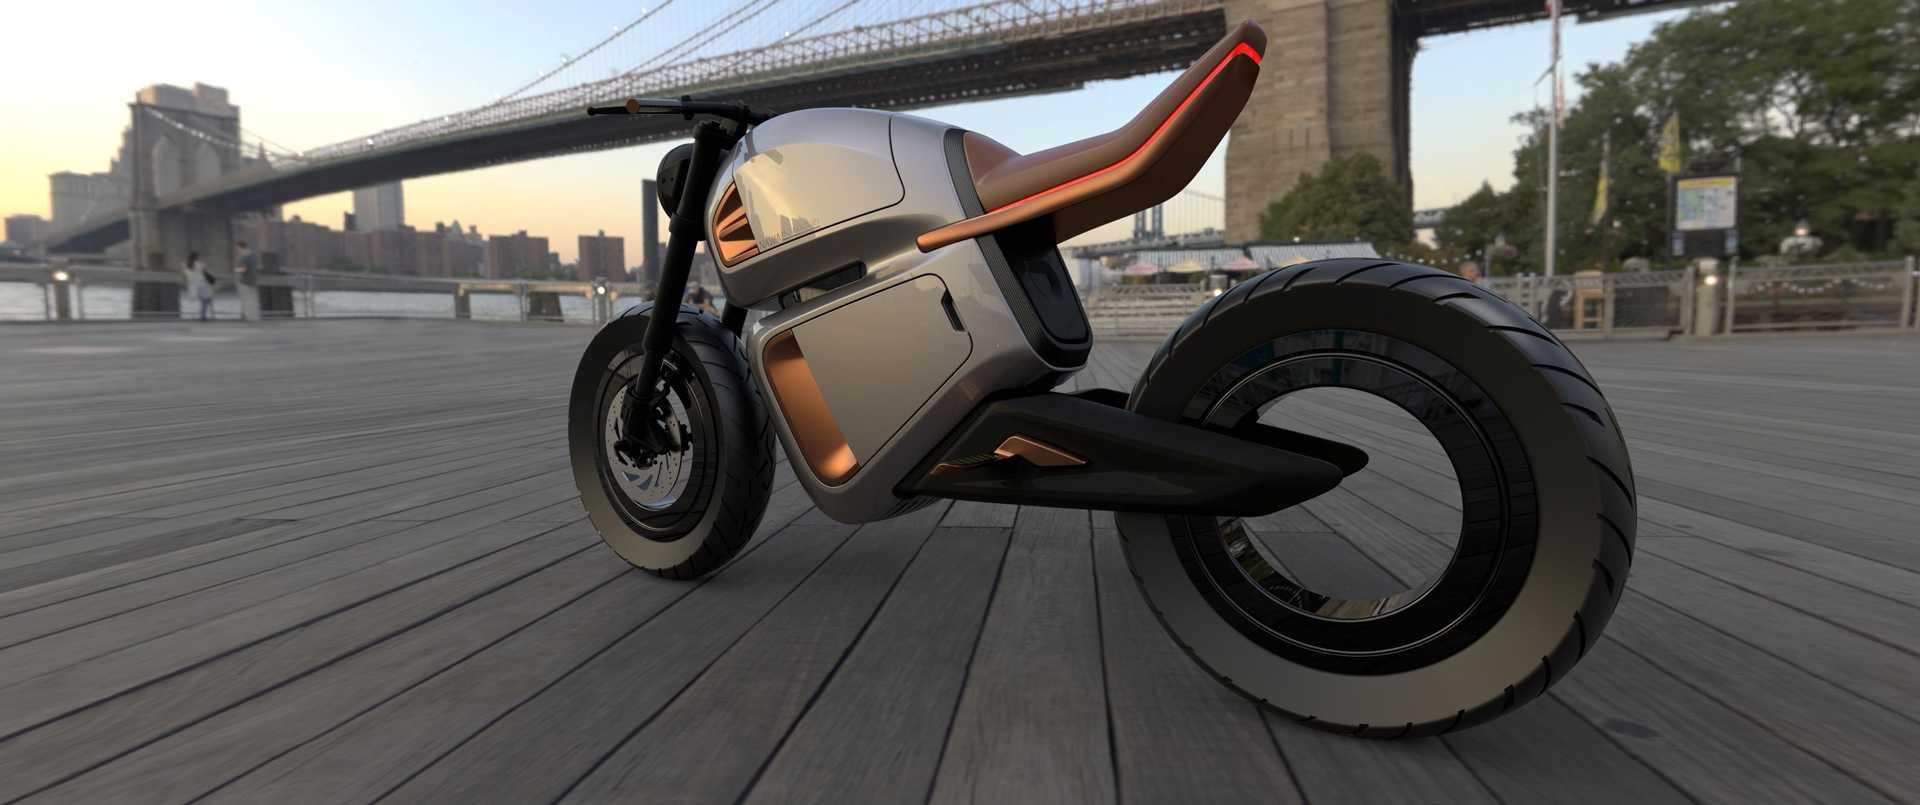 Moto électrique nouvelle génération : la Nawa Racer est équipée de supercondensateurs